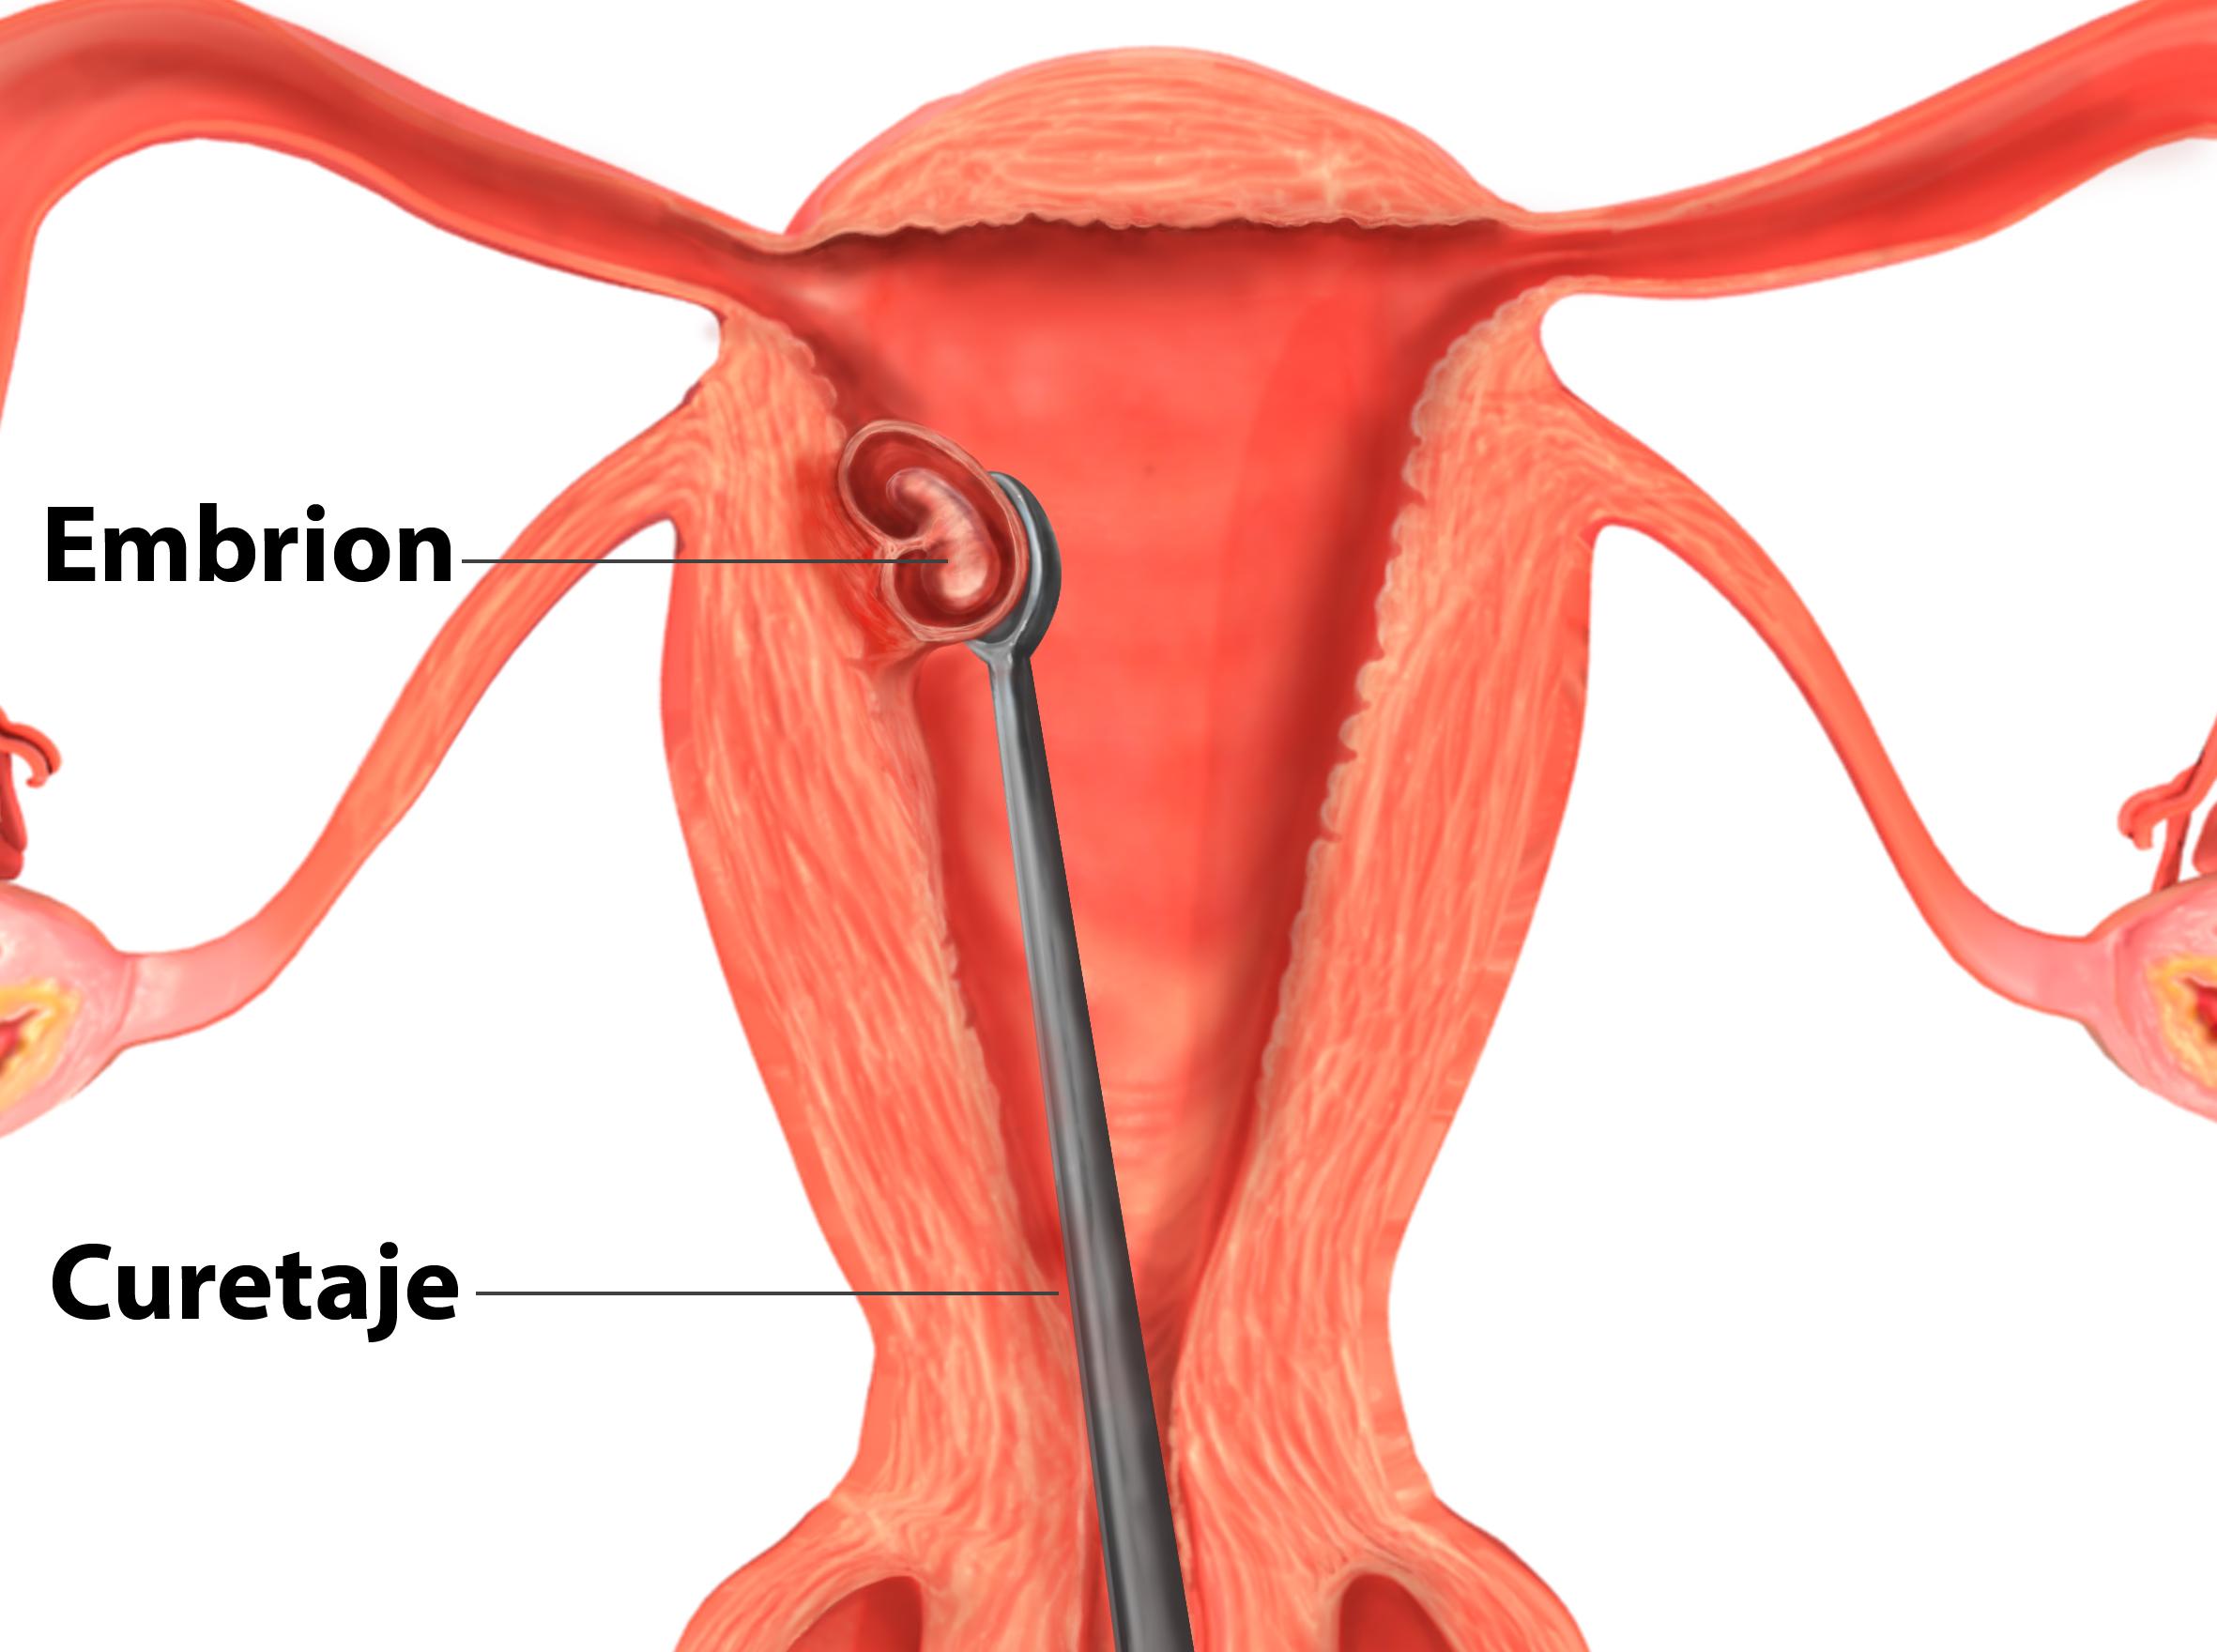 Cuáles son las técnicas quirúgicas del aborto?